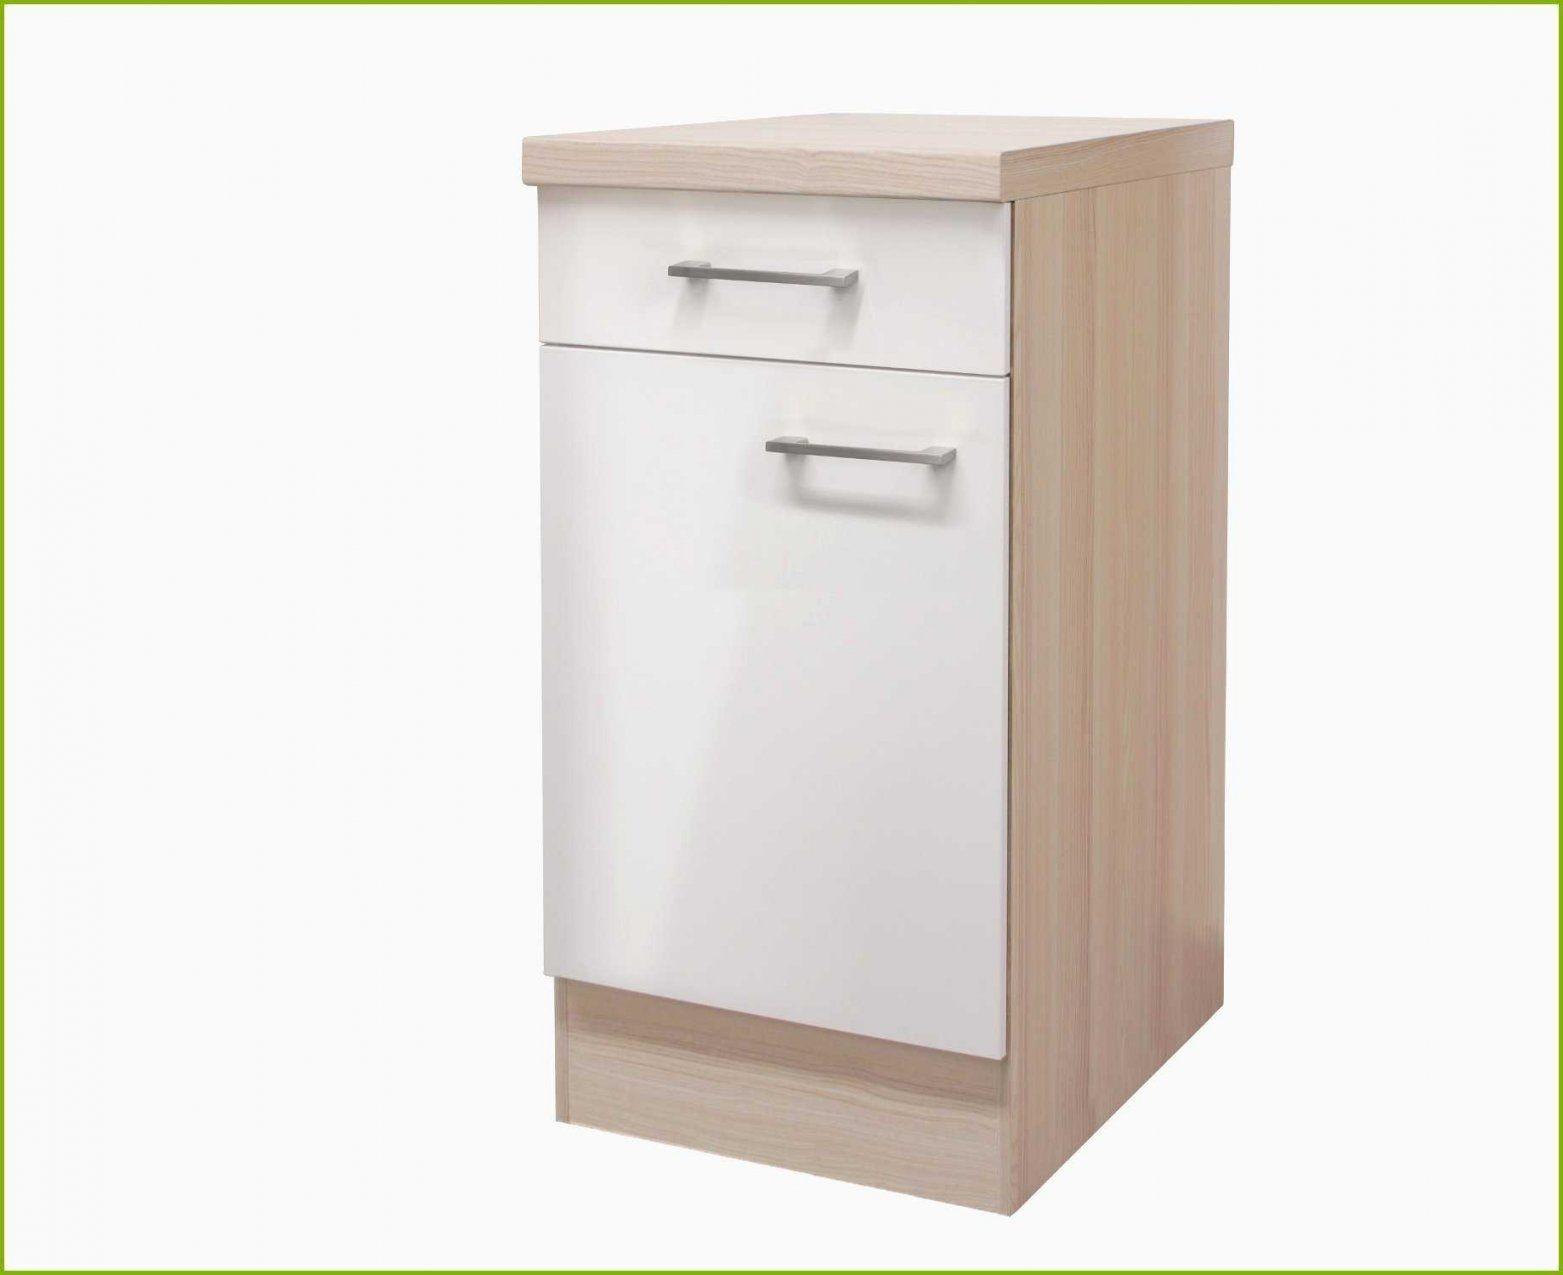 Arbeitsplatten Küche Möbel Boss Schöne Unterschrank Küche 40 Cm von Möbel Boss Küchen Unterschrank Bild